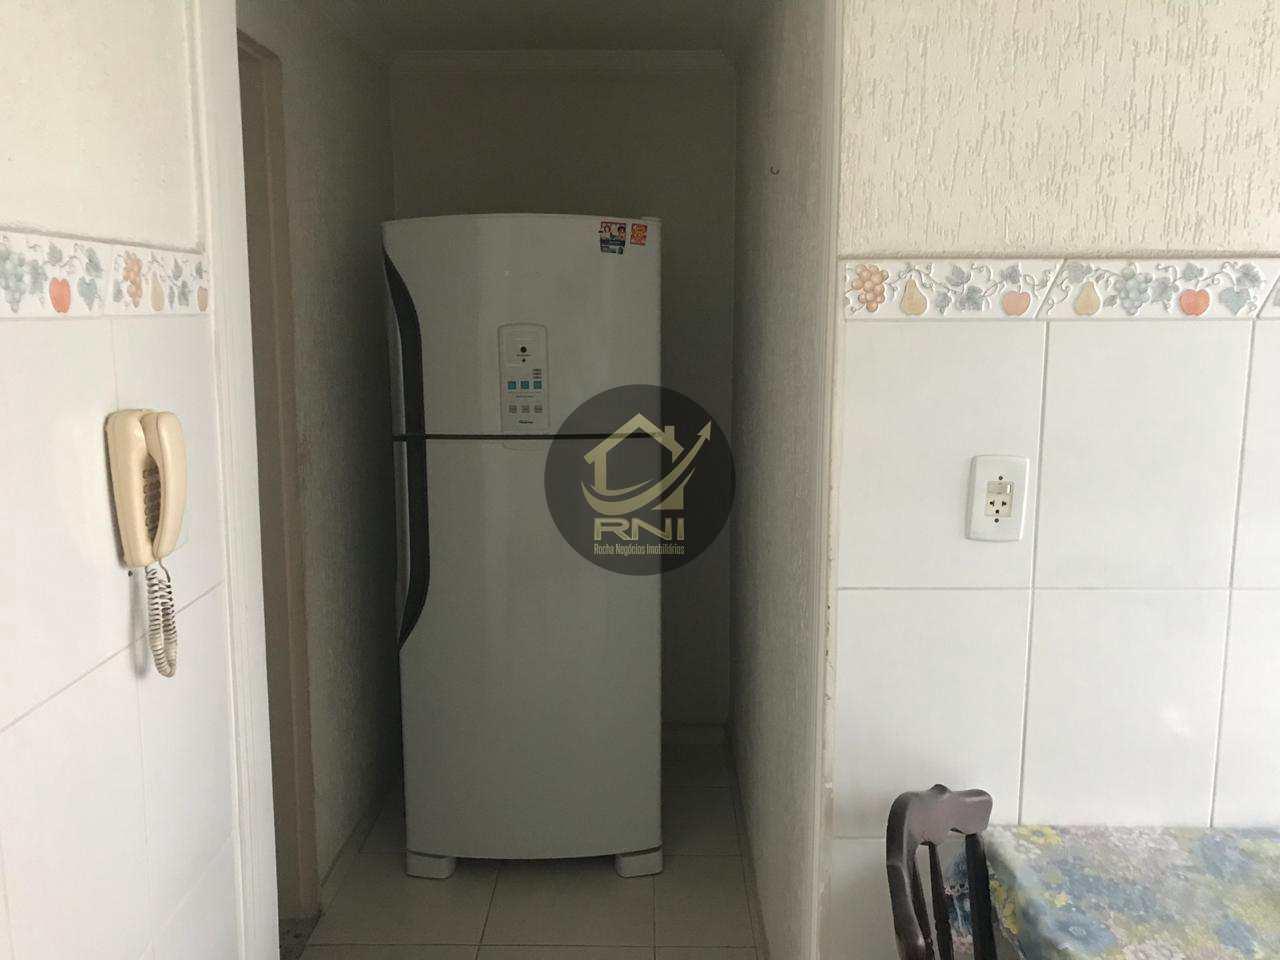 Cobertura com 2 dormitórios à venda, 100 m² por R$ 650.000,00 - Boqueirão - Santos/SP